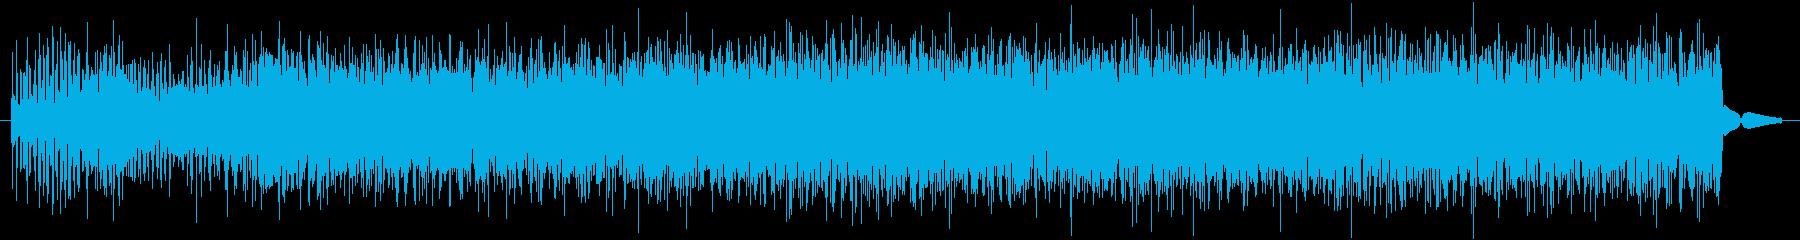 静的ザップの再生済みの波形